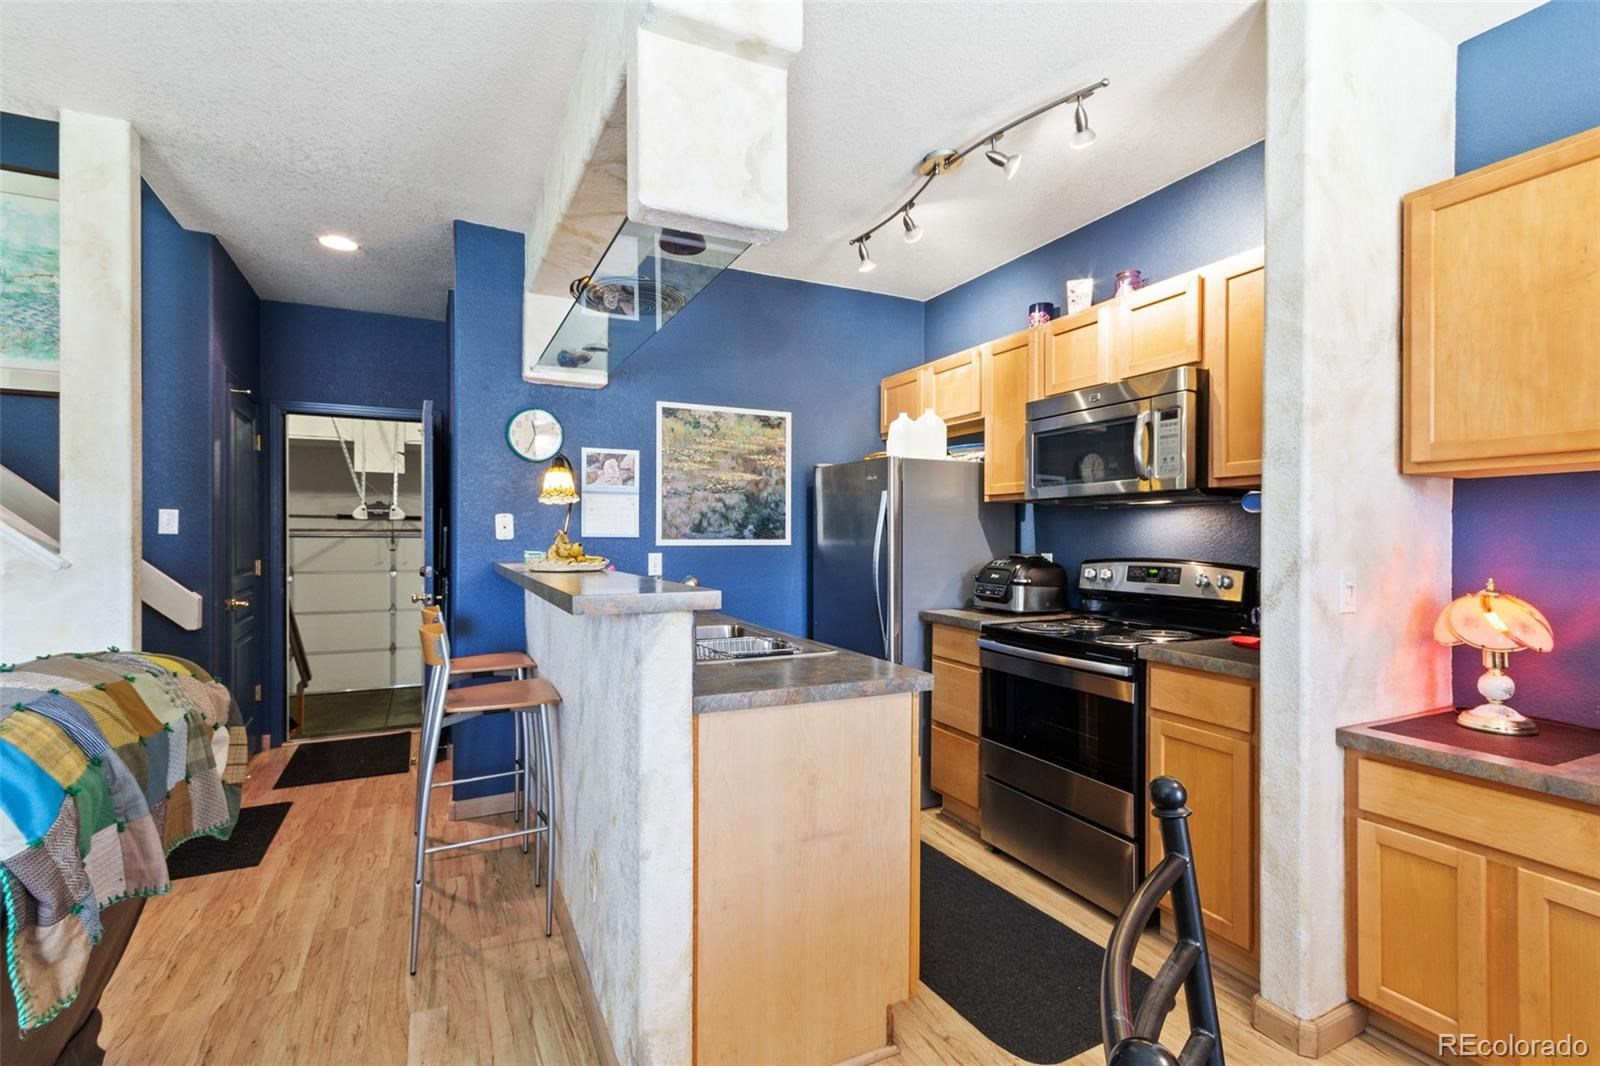 MLS# 7799987 - 20 - 750 S Depew Street, Lakewood, CO 80226